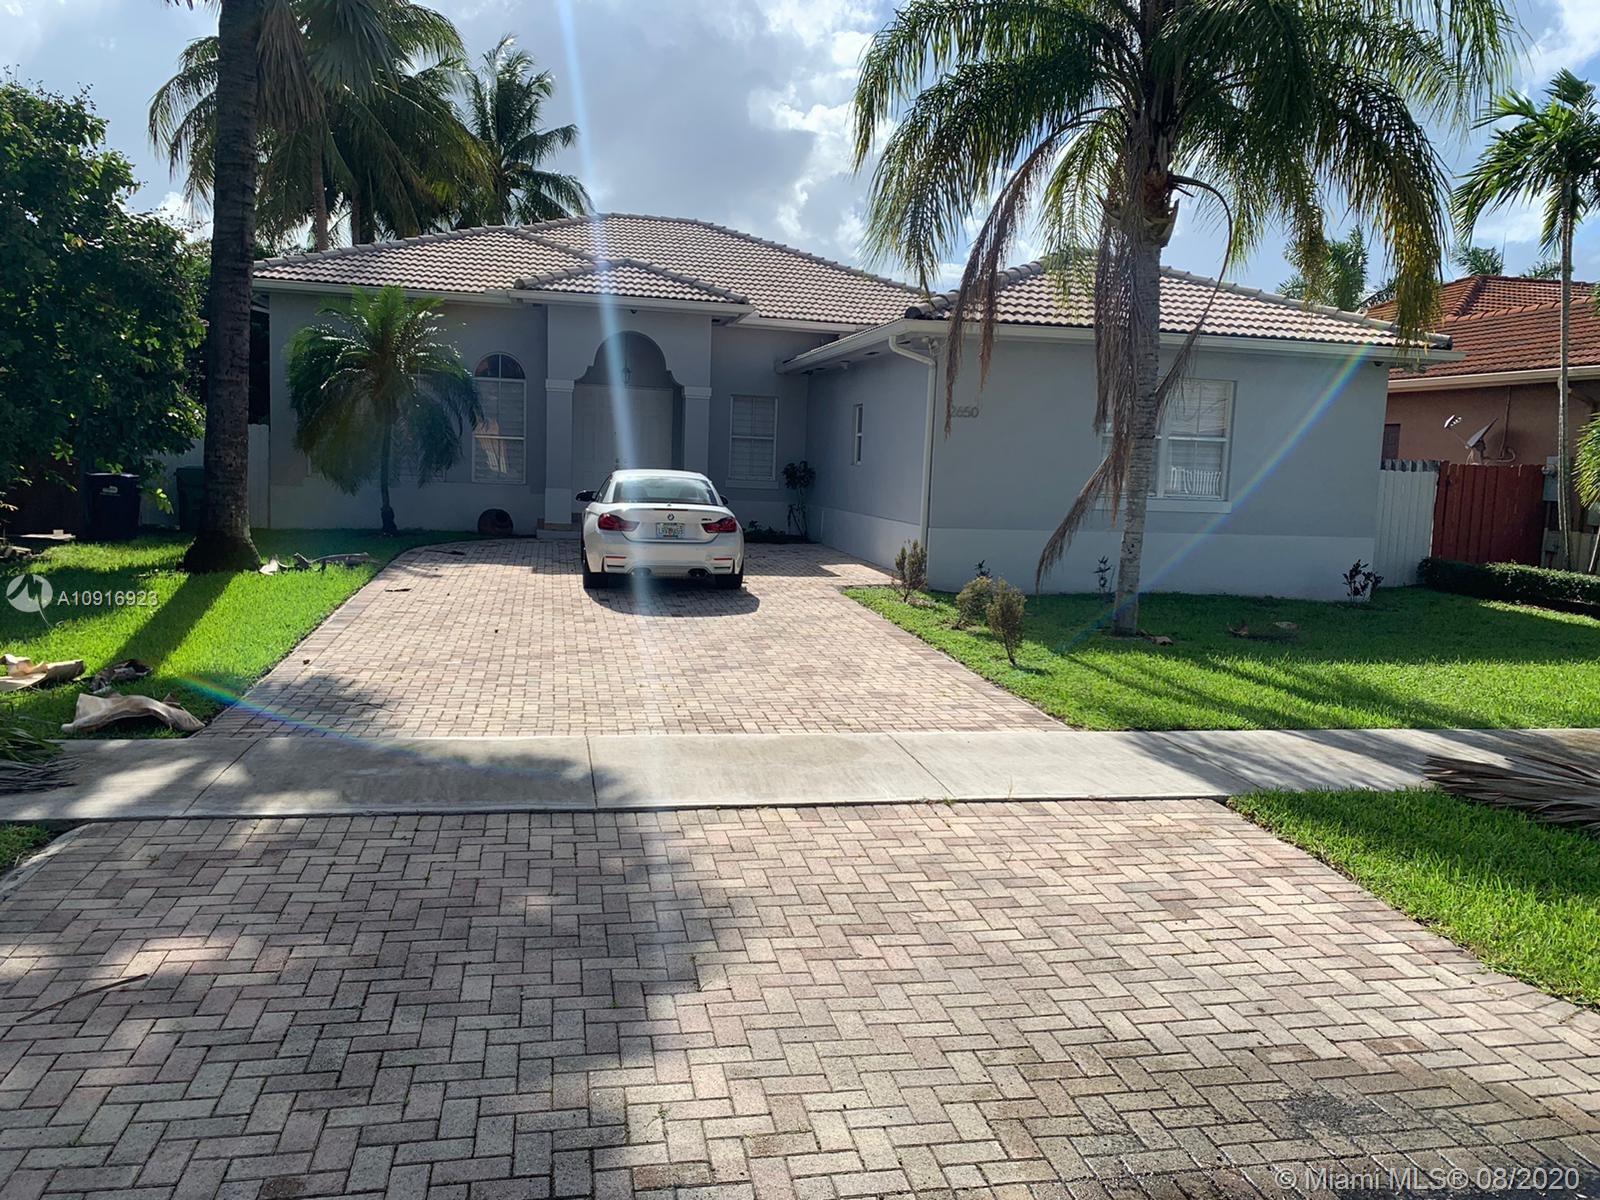 J G Heads Farms - 2650 SW 142nd Ct, Miami, FL 33175